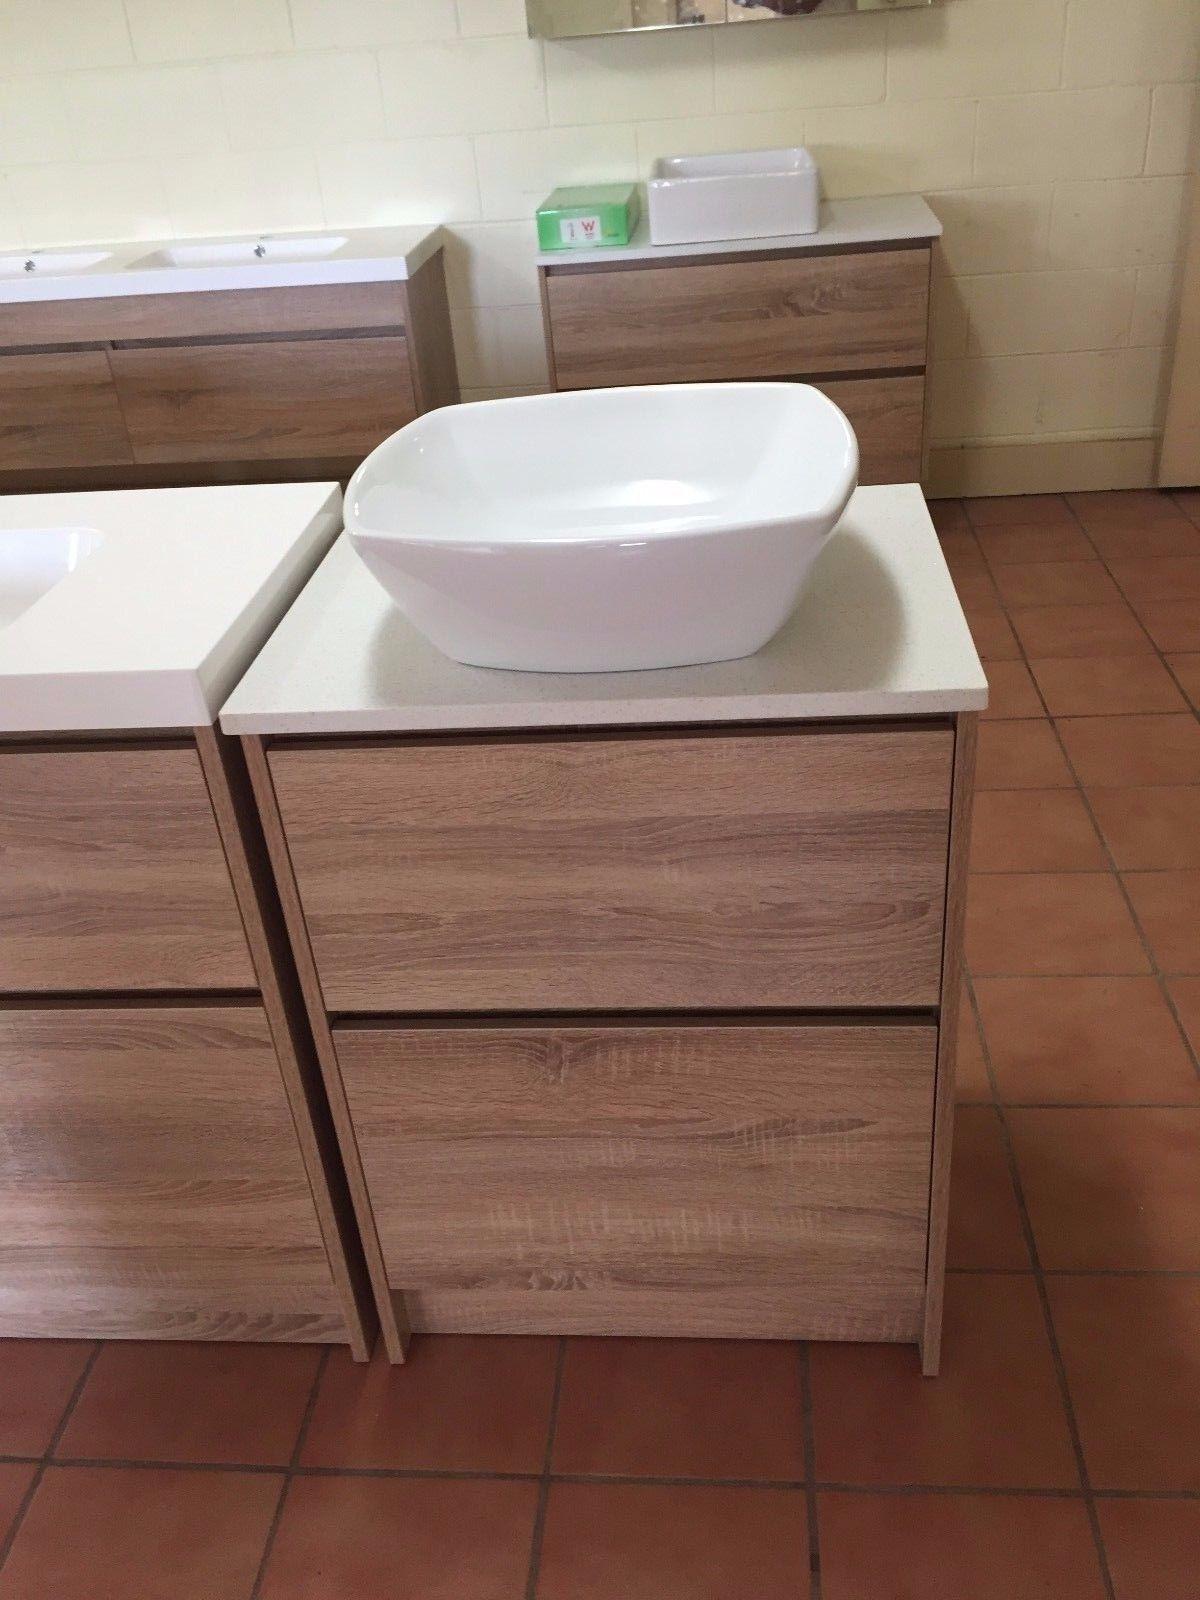 Moda 600mm White Oak Timber Wood Grain Floor Standing